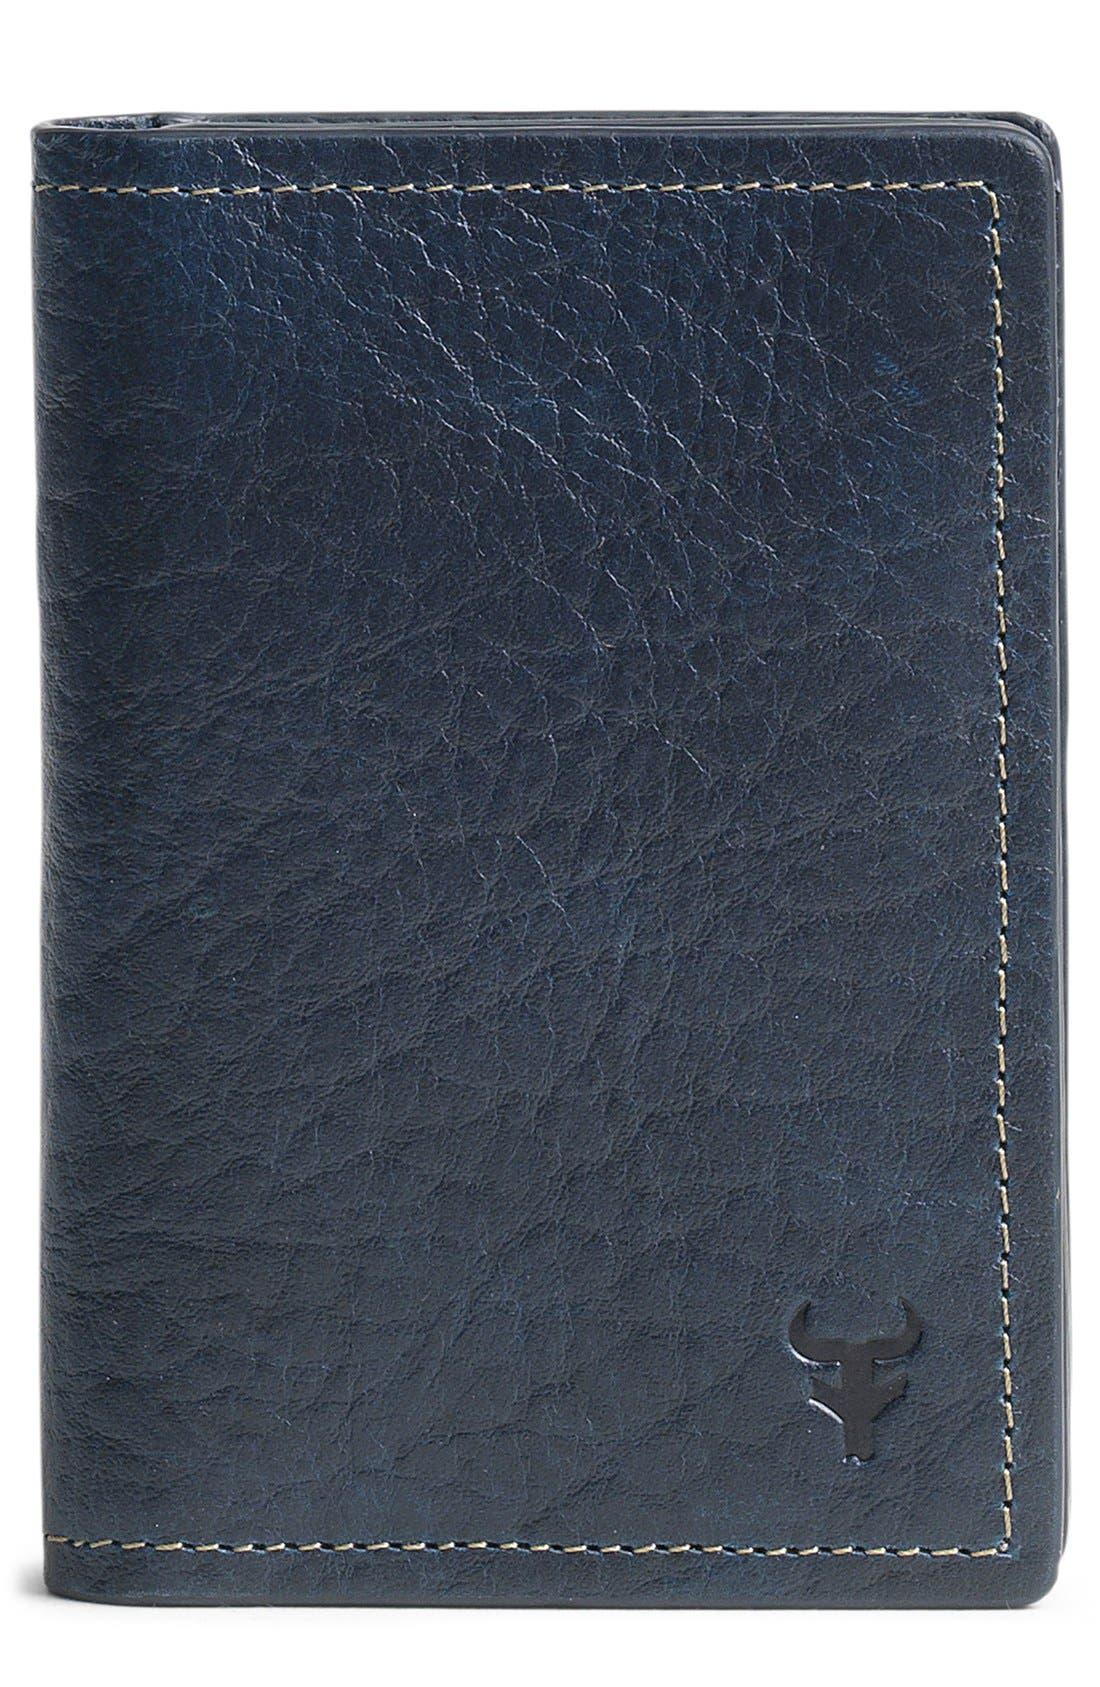 TRASK Jackson Gusset Pocket Bison Leather Card Case